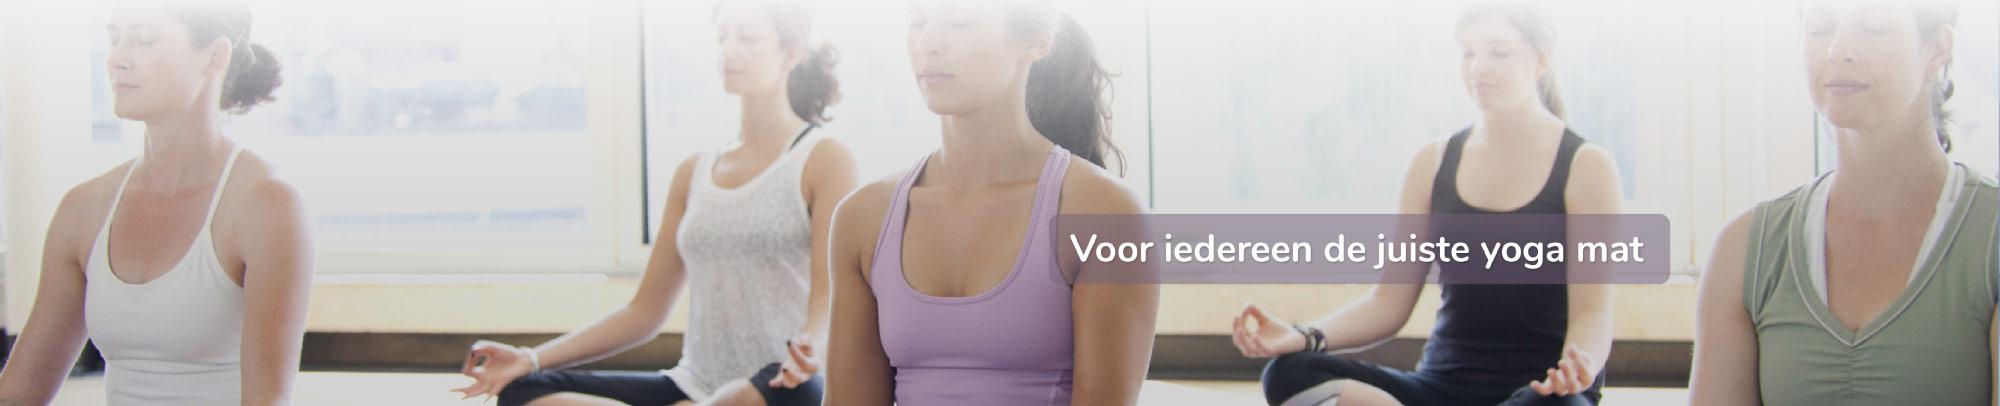 Voor iedereen de juiste Yoga Mat. banner 2